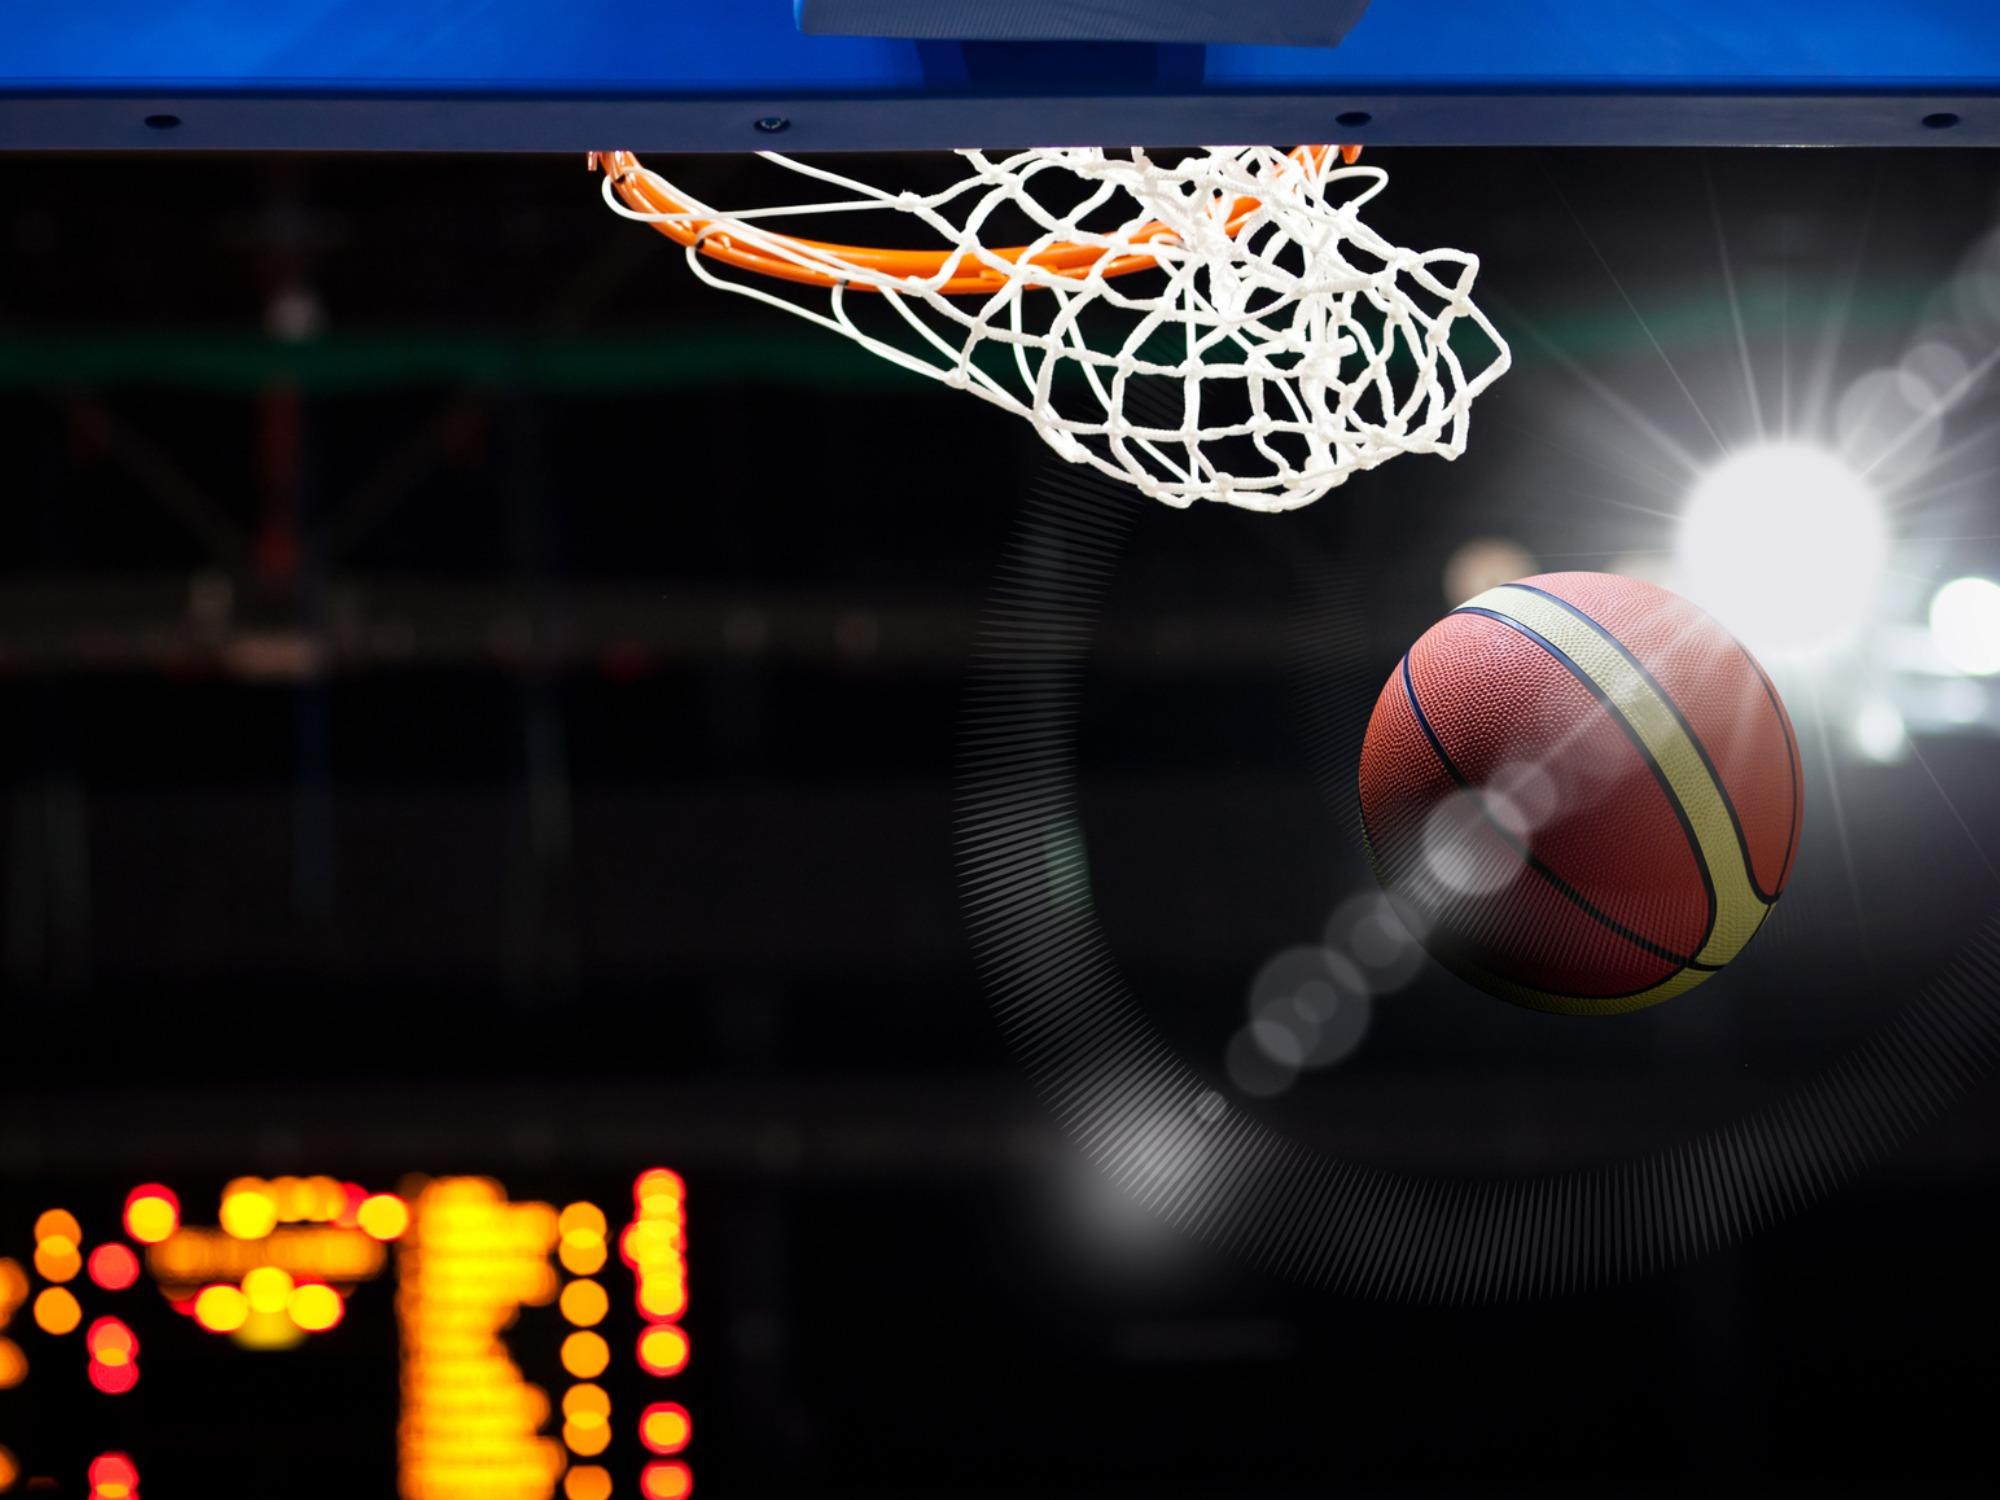 バスケットボールアリーナ